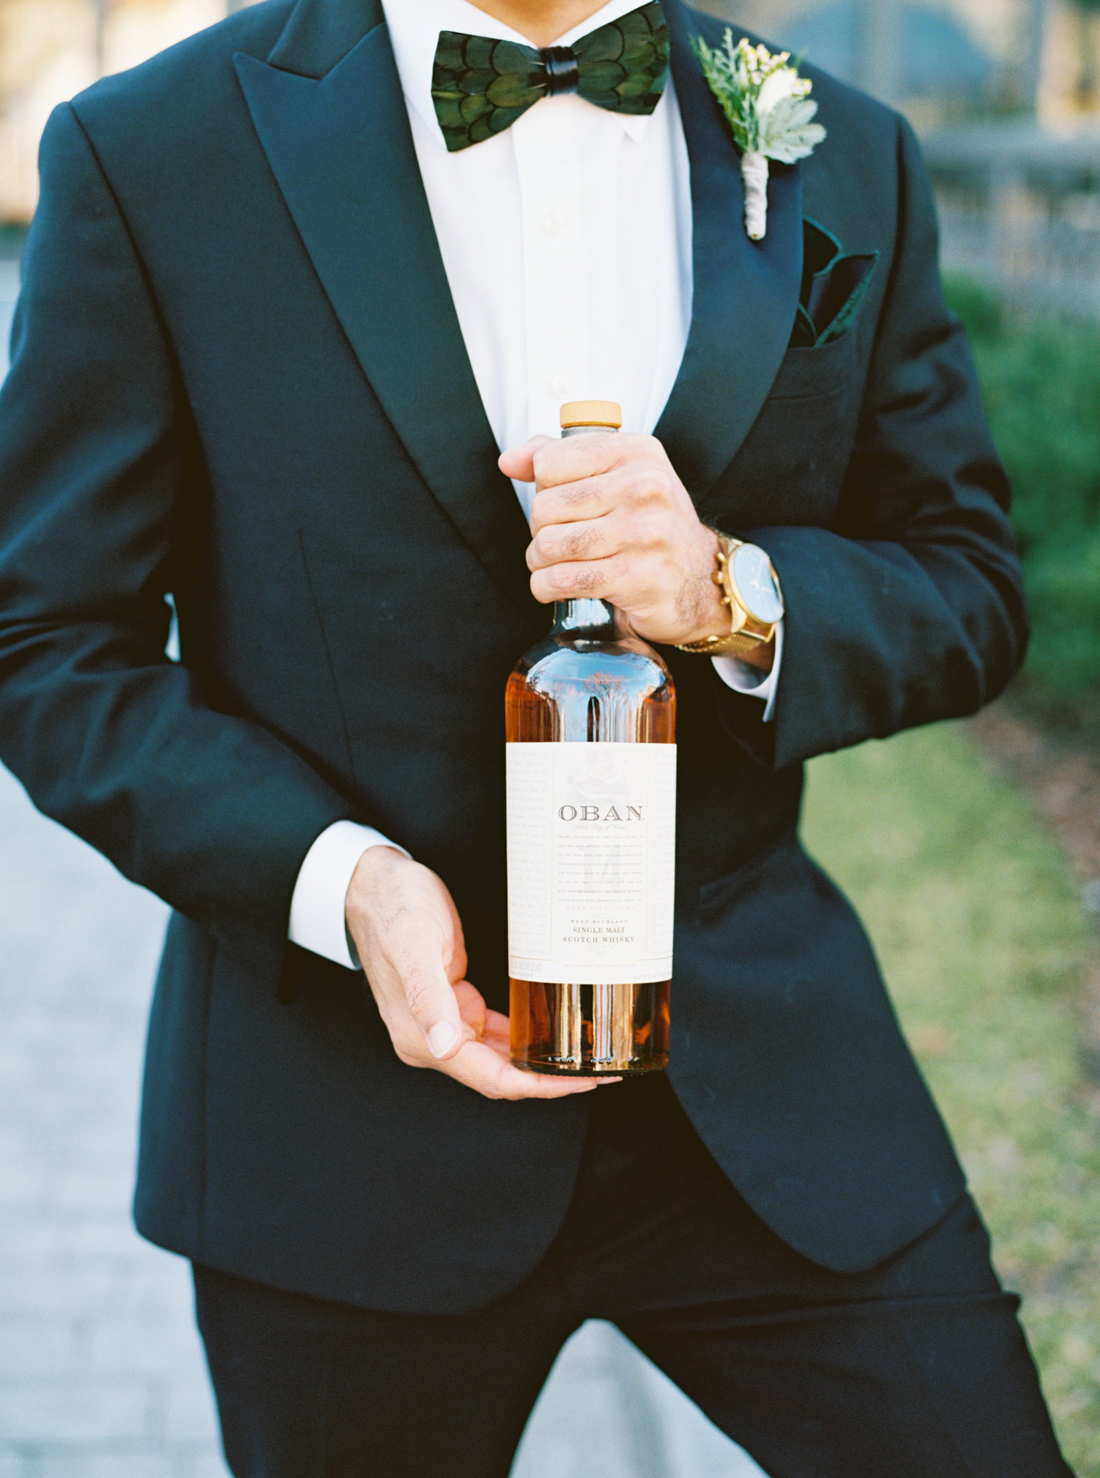 oban-single-malt-scotch-whiskey-wedding-gift